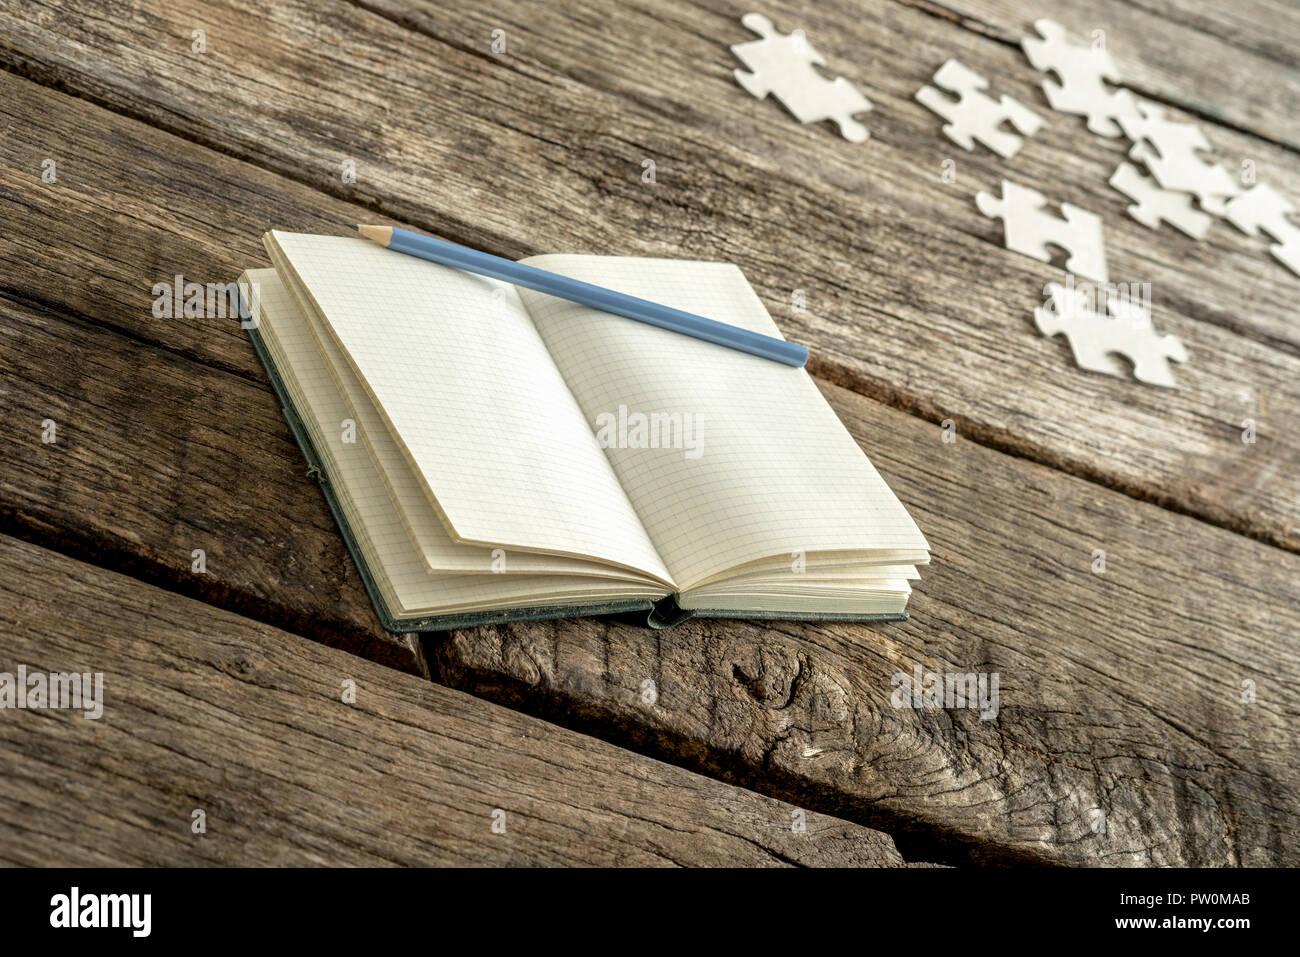 Leeres weißes Buch mit Bleistift und Puzzleteile über alten verwitterten Holztisch zum Thema über Erinnerungen und Selbstbeobachtung. Stockbild